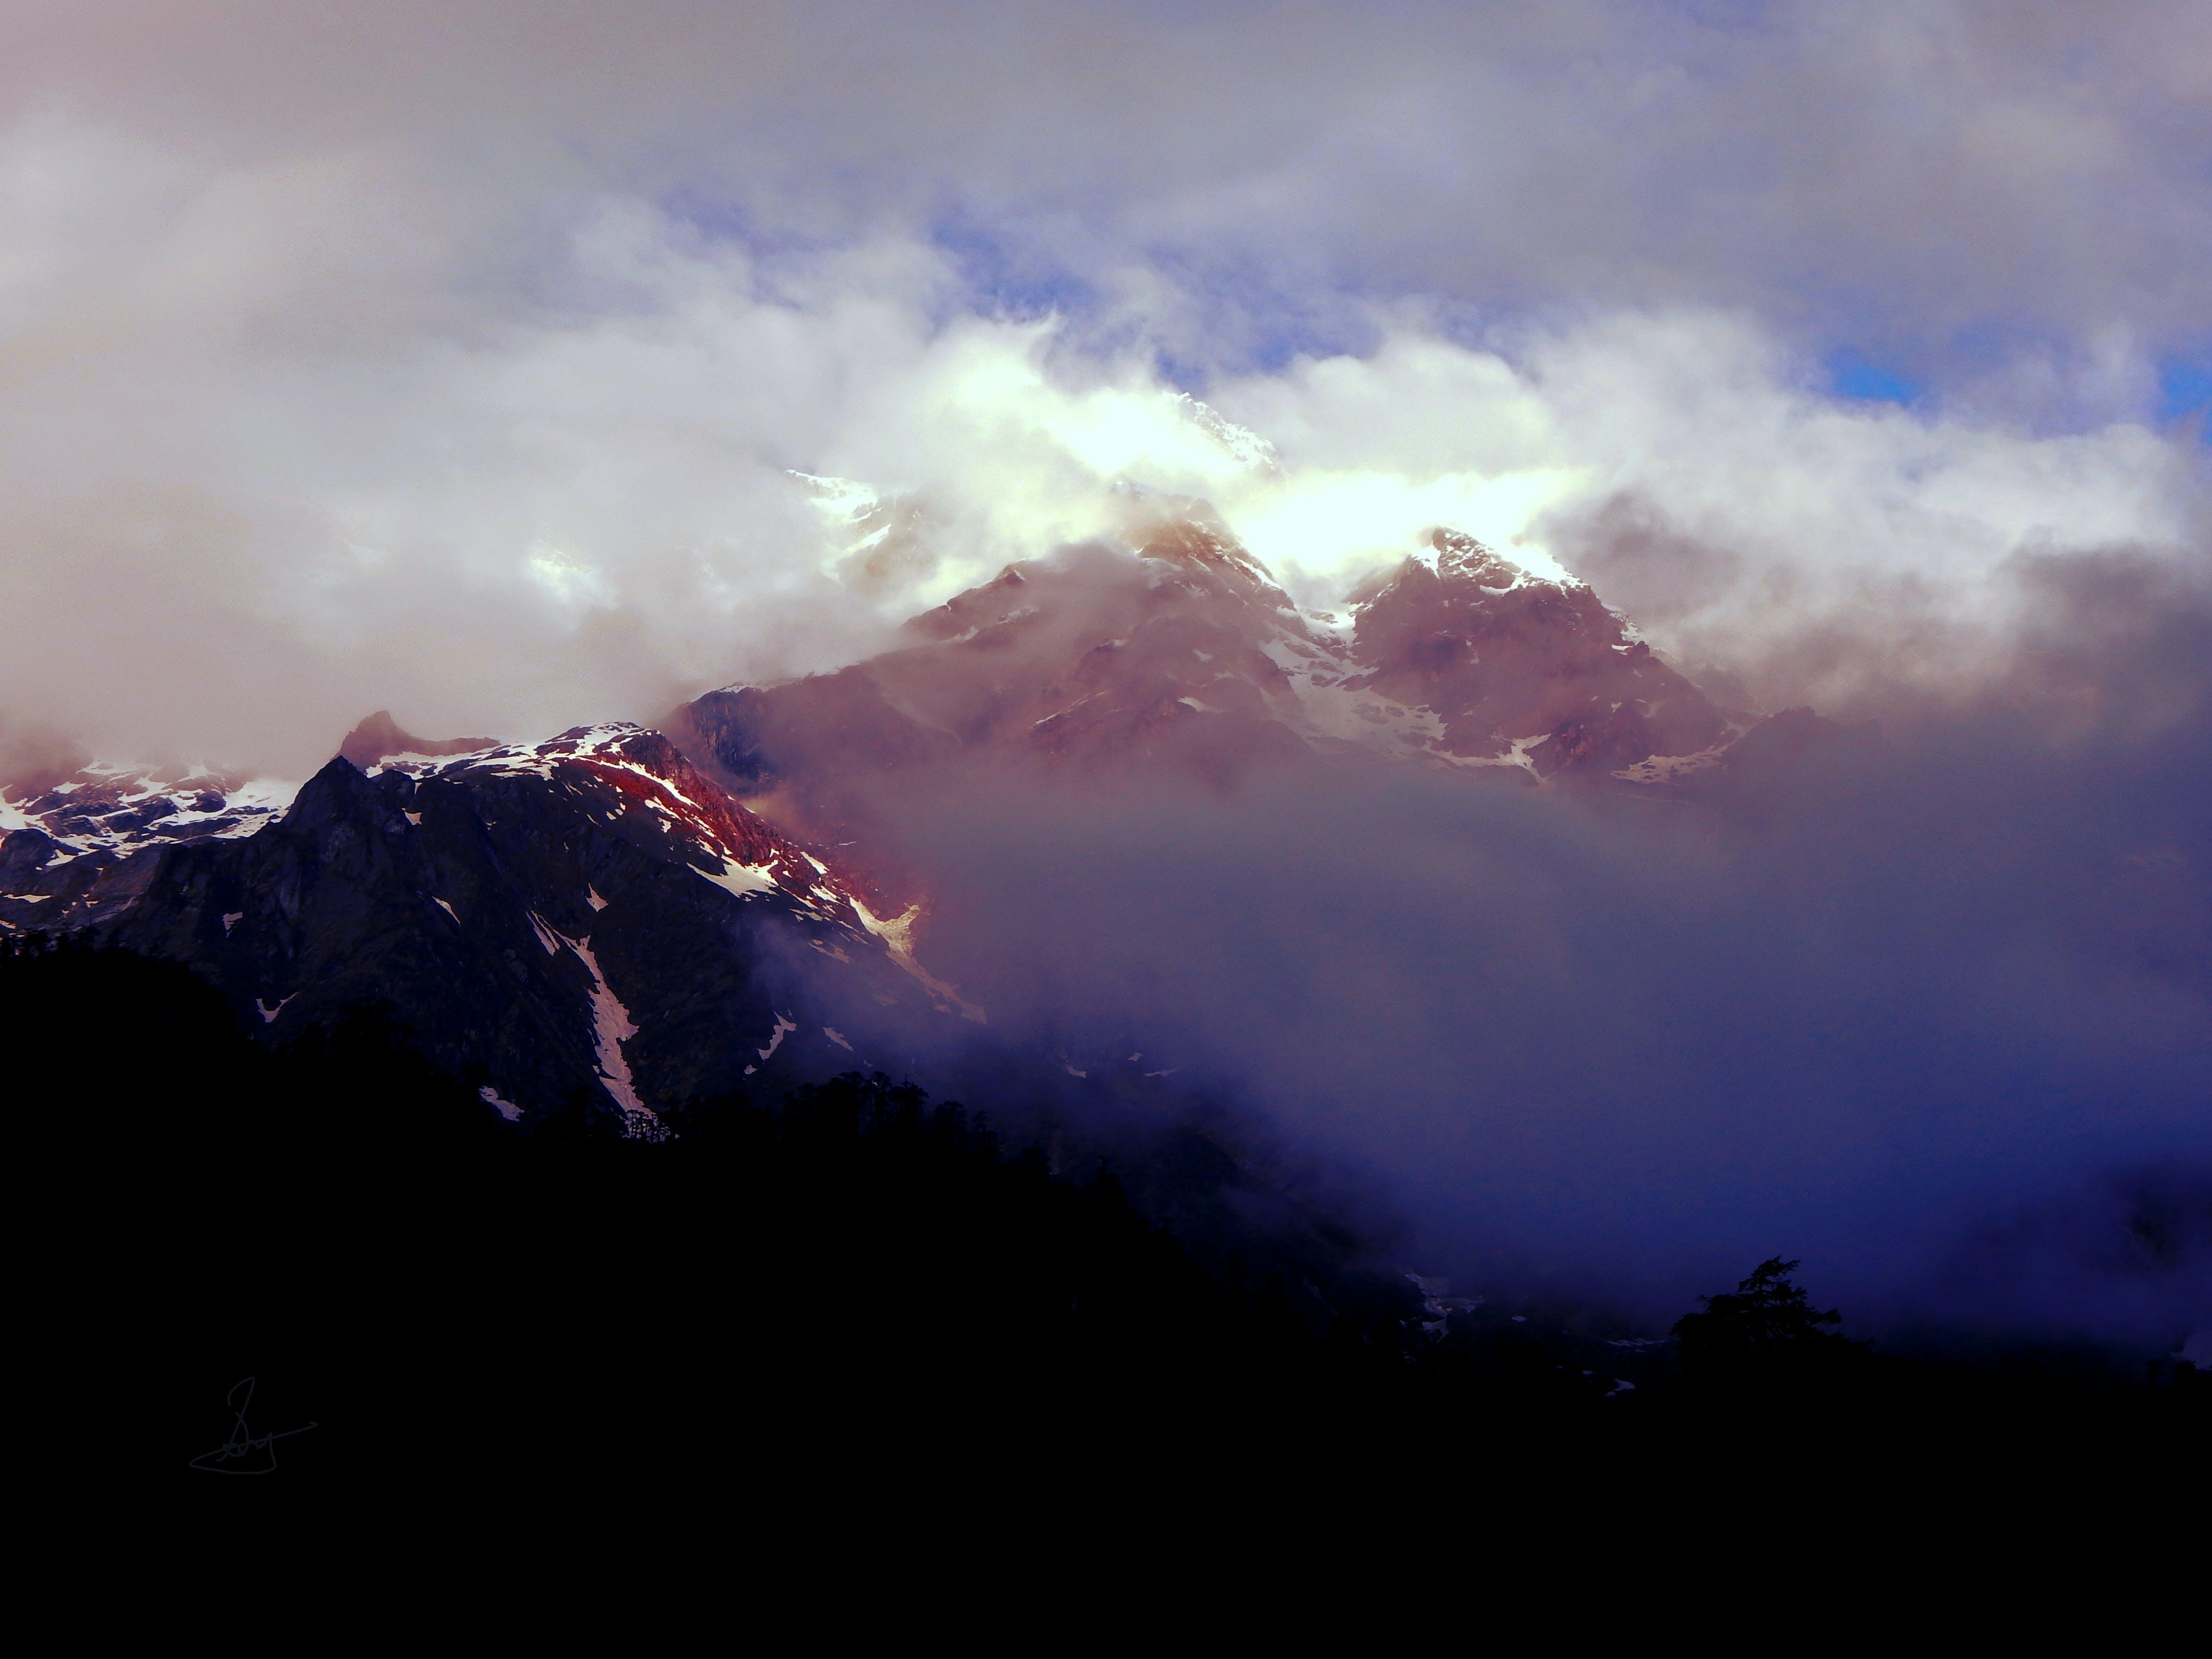 Free stock photo of mountain, sunlight